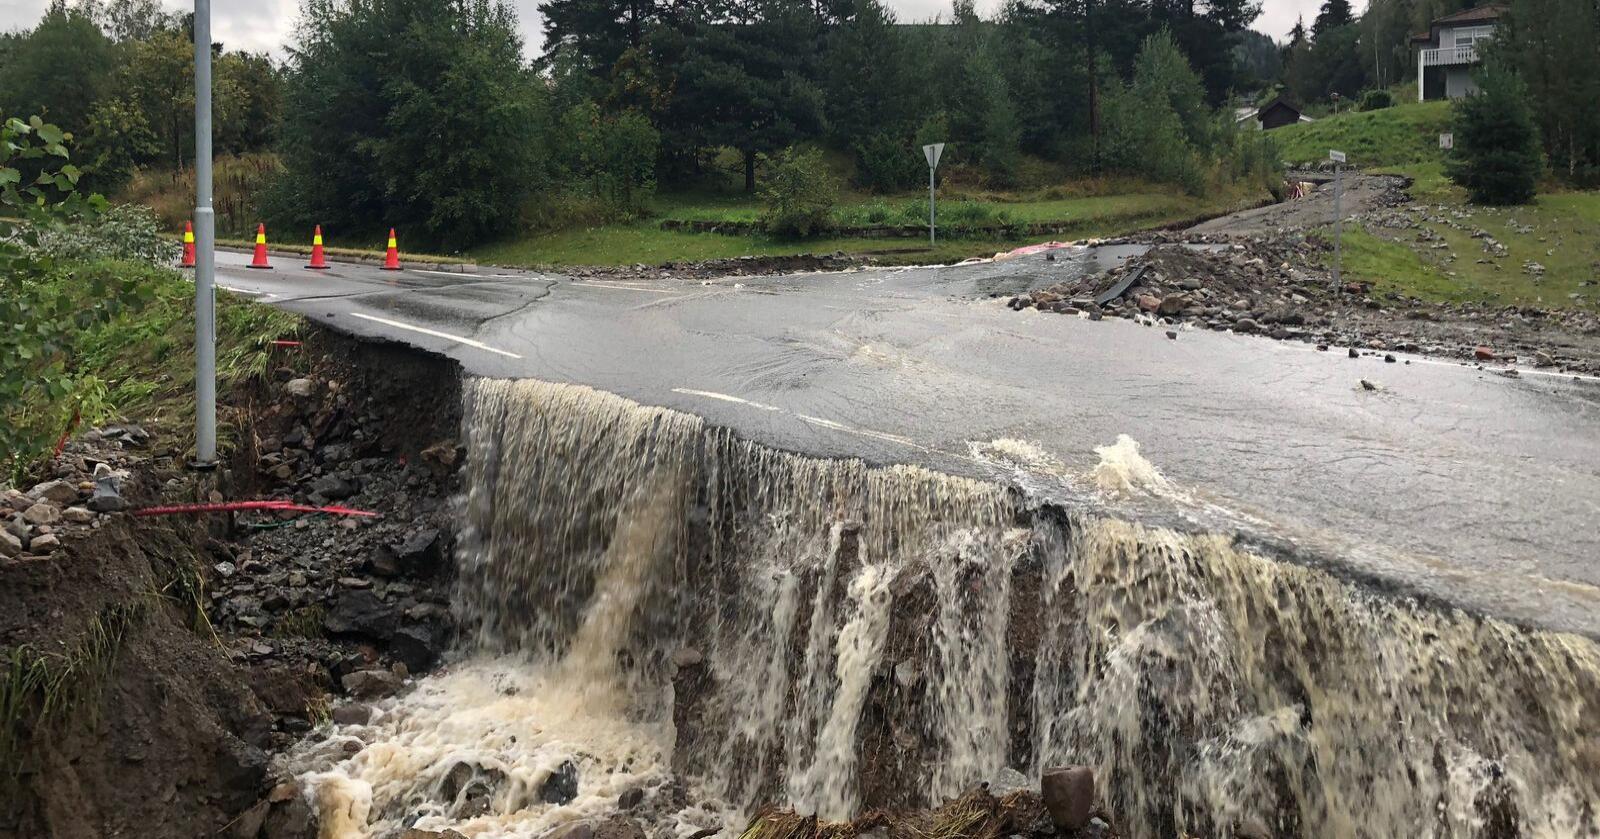 Store nedbørsmengder førte til flom og oversvømmelse i Brumunddal i 2019. Nå advarer NVE mot flomfare i blant annet Nord-Norge. Foto: John Arne Holmlund / HA / NTB scanpix